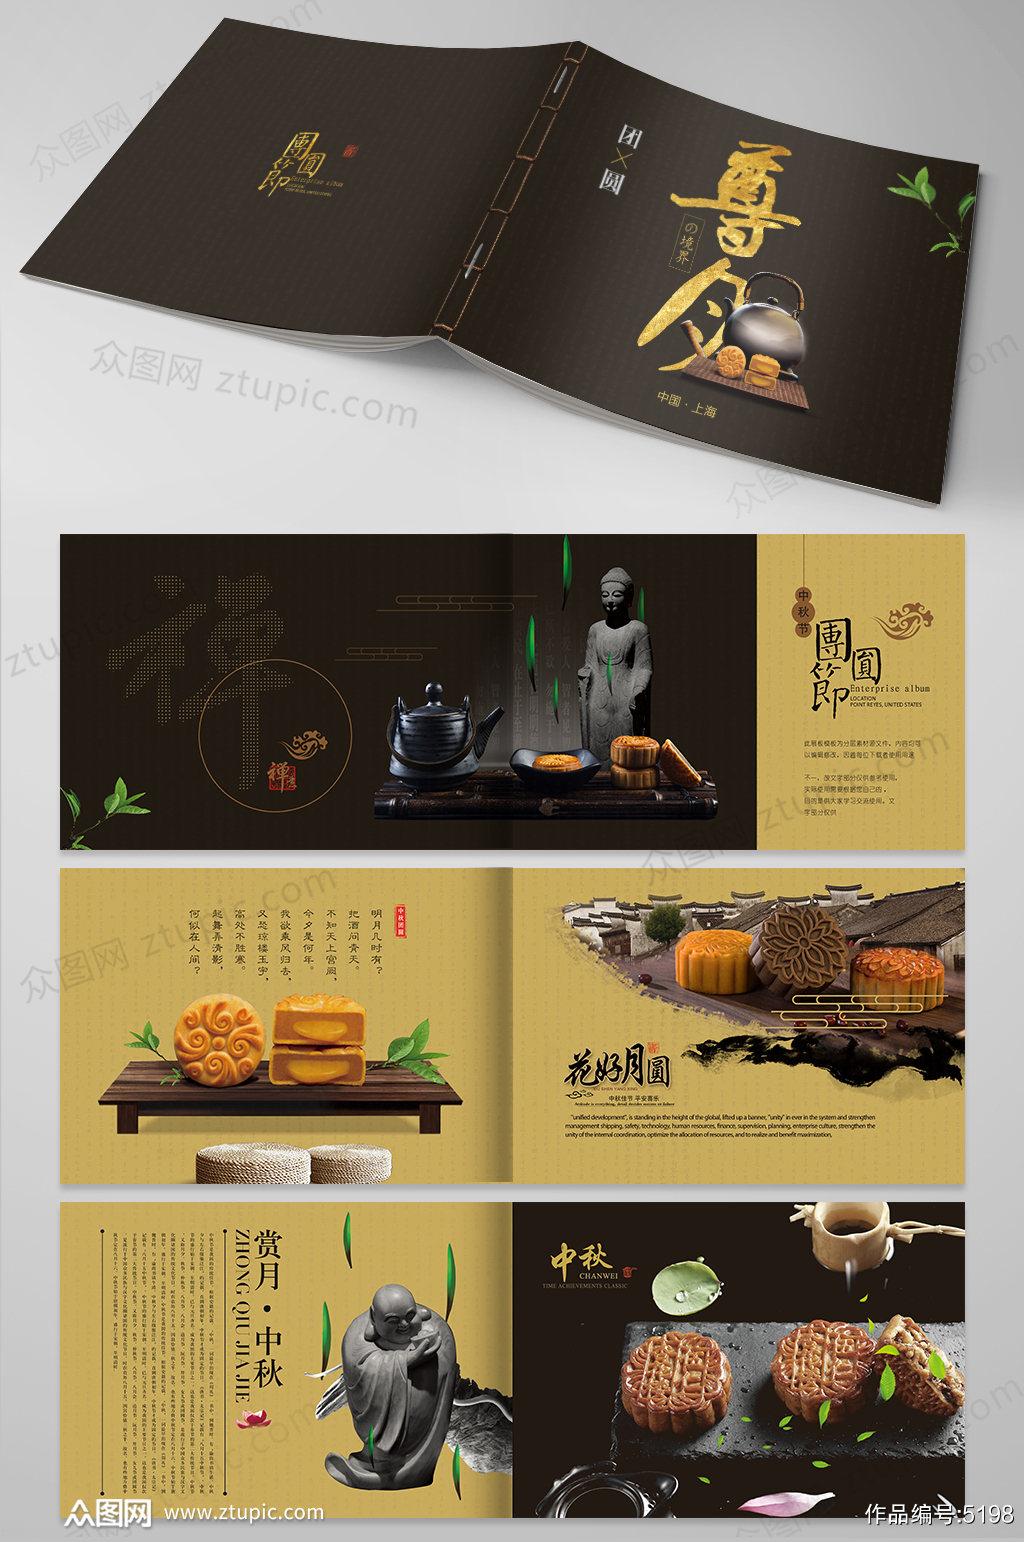 原创中秋节月饼画册设计素材